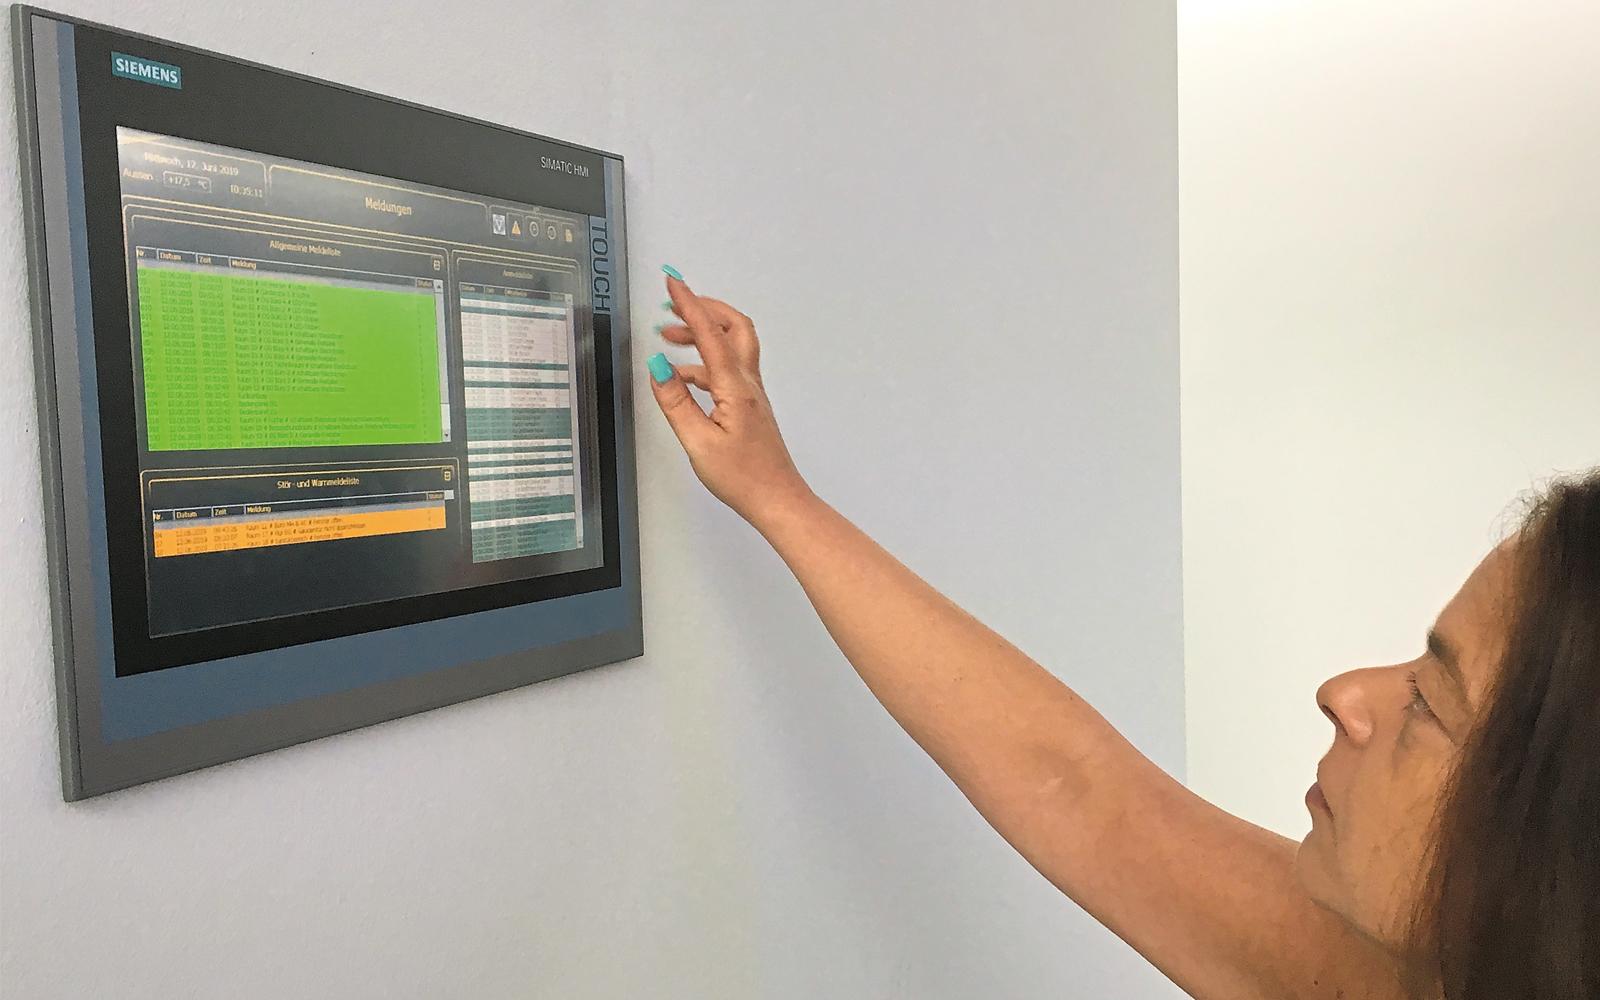 Anlagenbedienung mit Touchpanel.